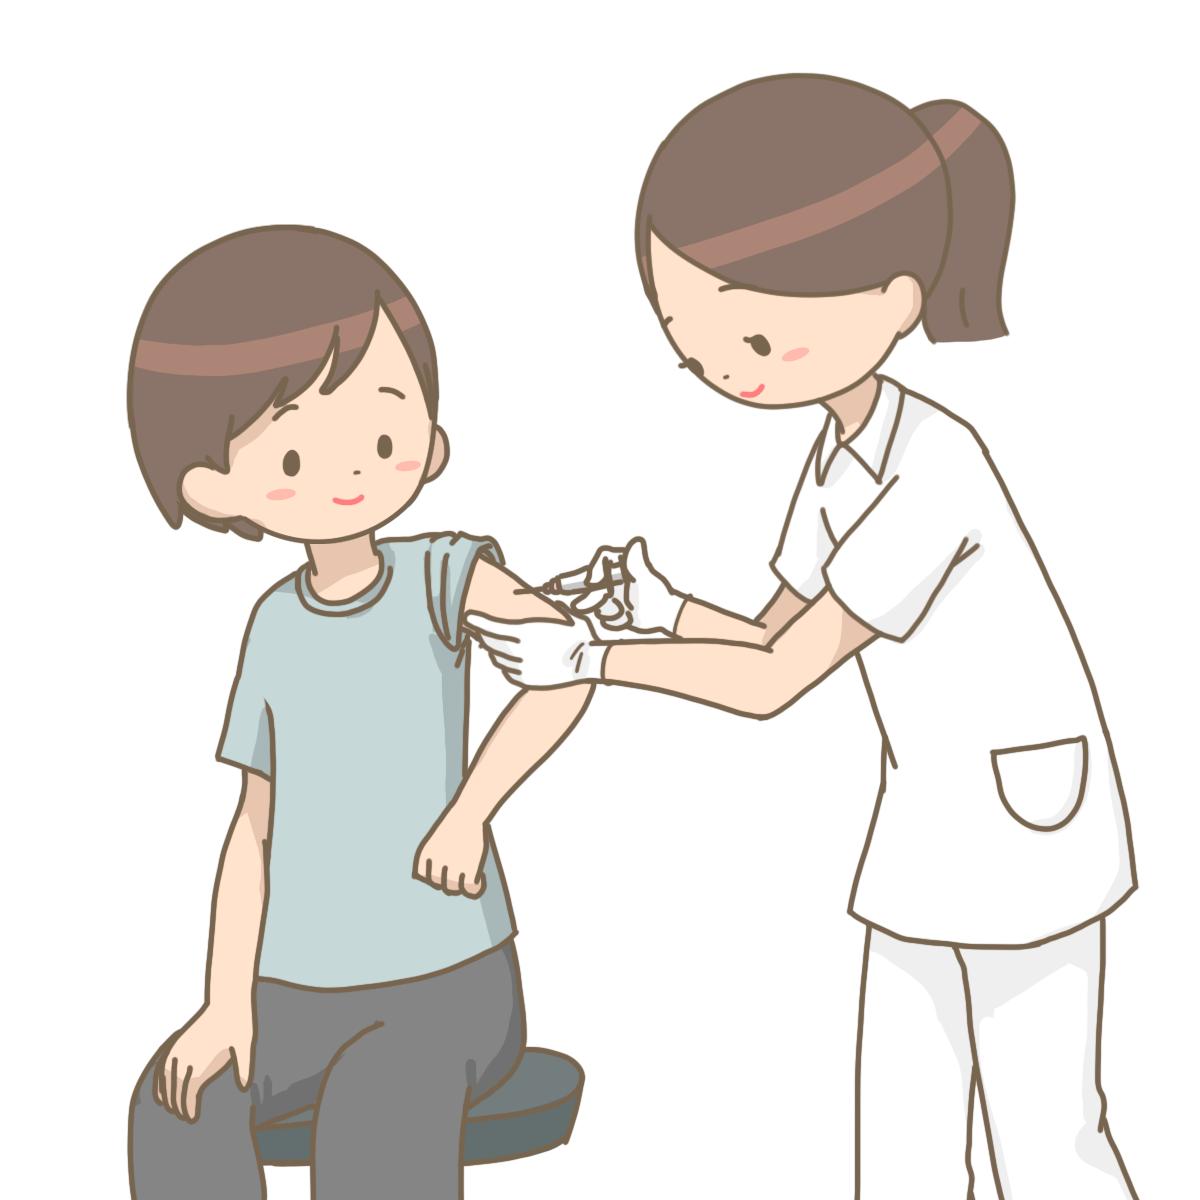 患者さんに注射をする看護師のイラストフリー素材看護roo